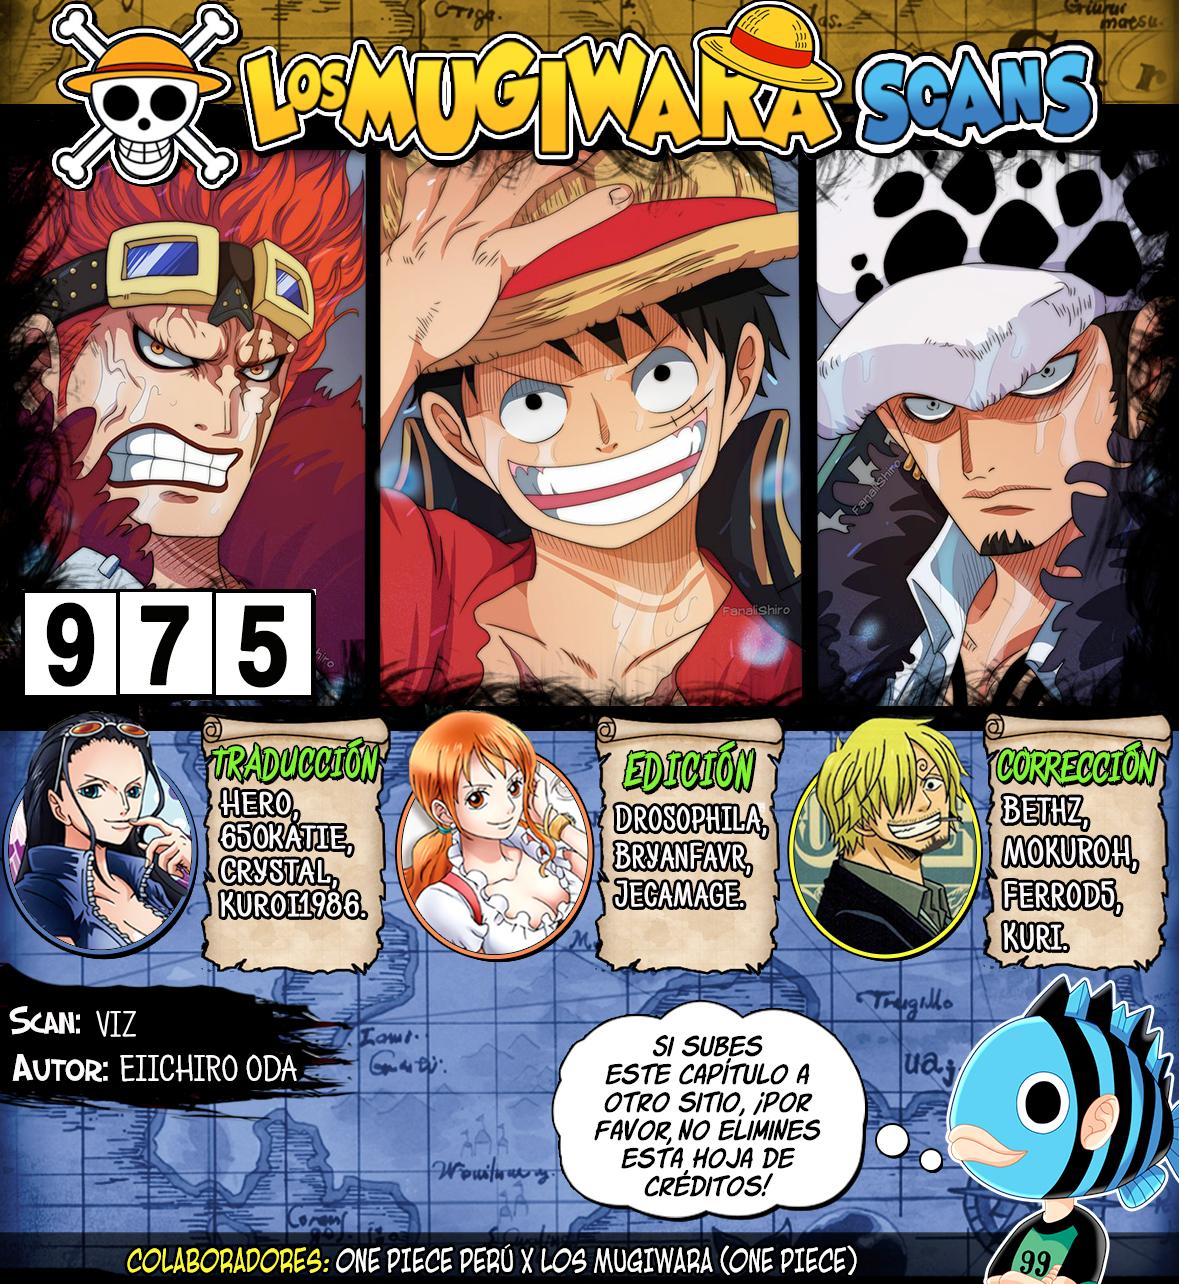 One Piece Manga 975 [Español] [Mugiwara Scans] 00